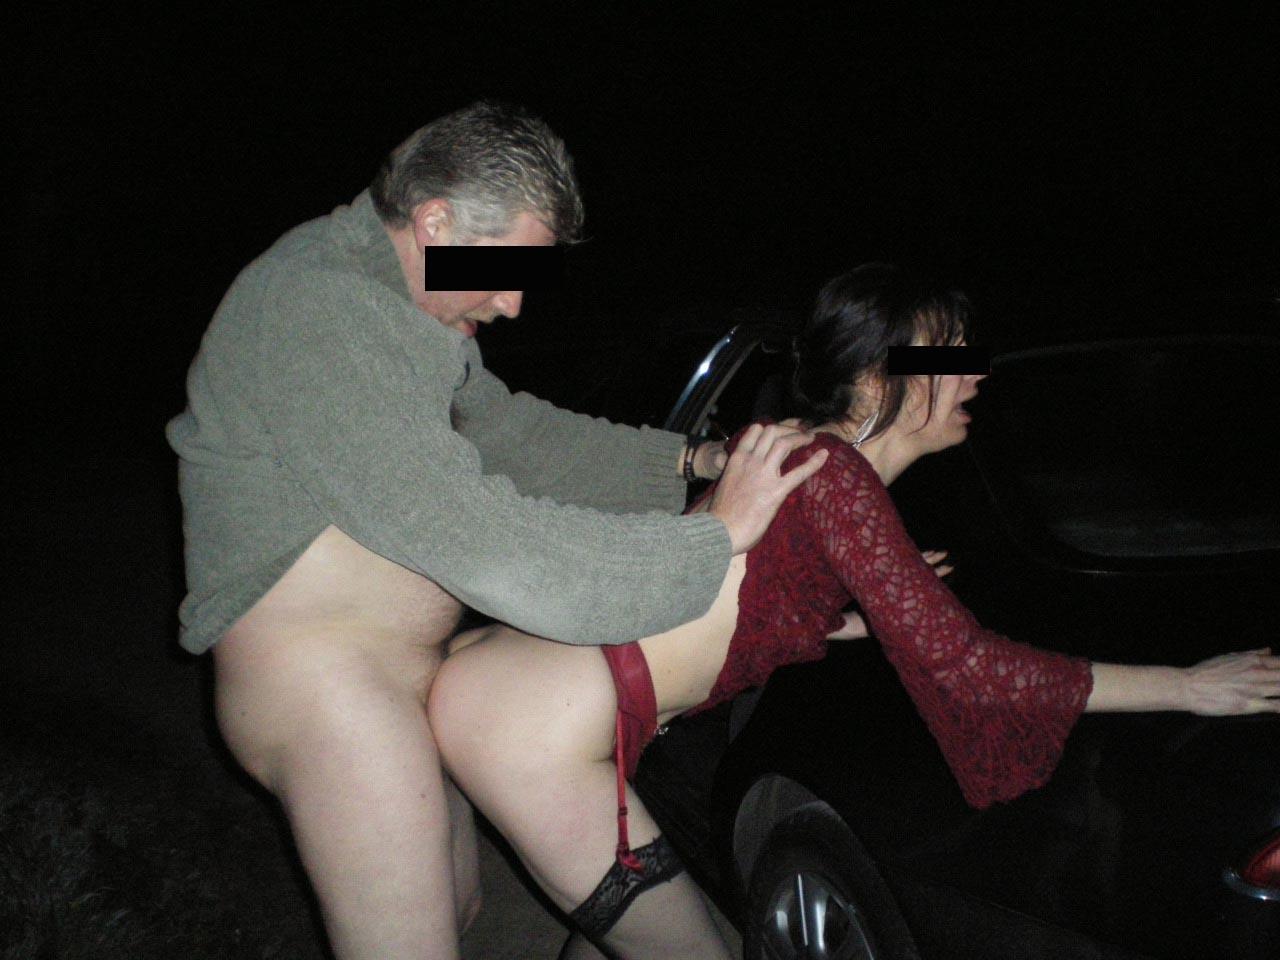 ГОЛЫЕ СЕКРЕТАРШИ / Порно фото секретарш и секс с секретаршами